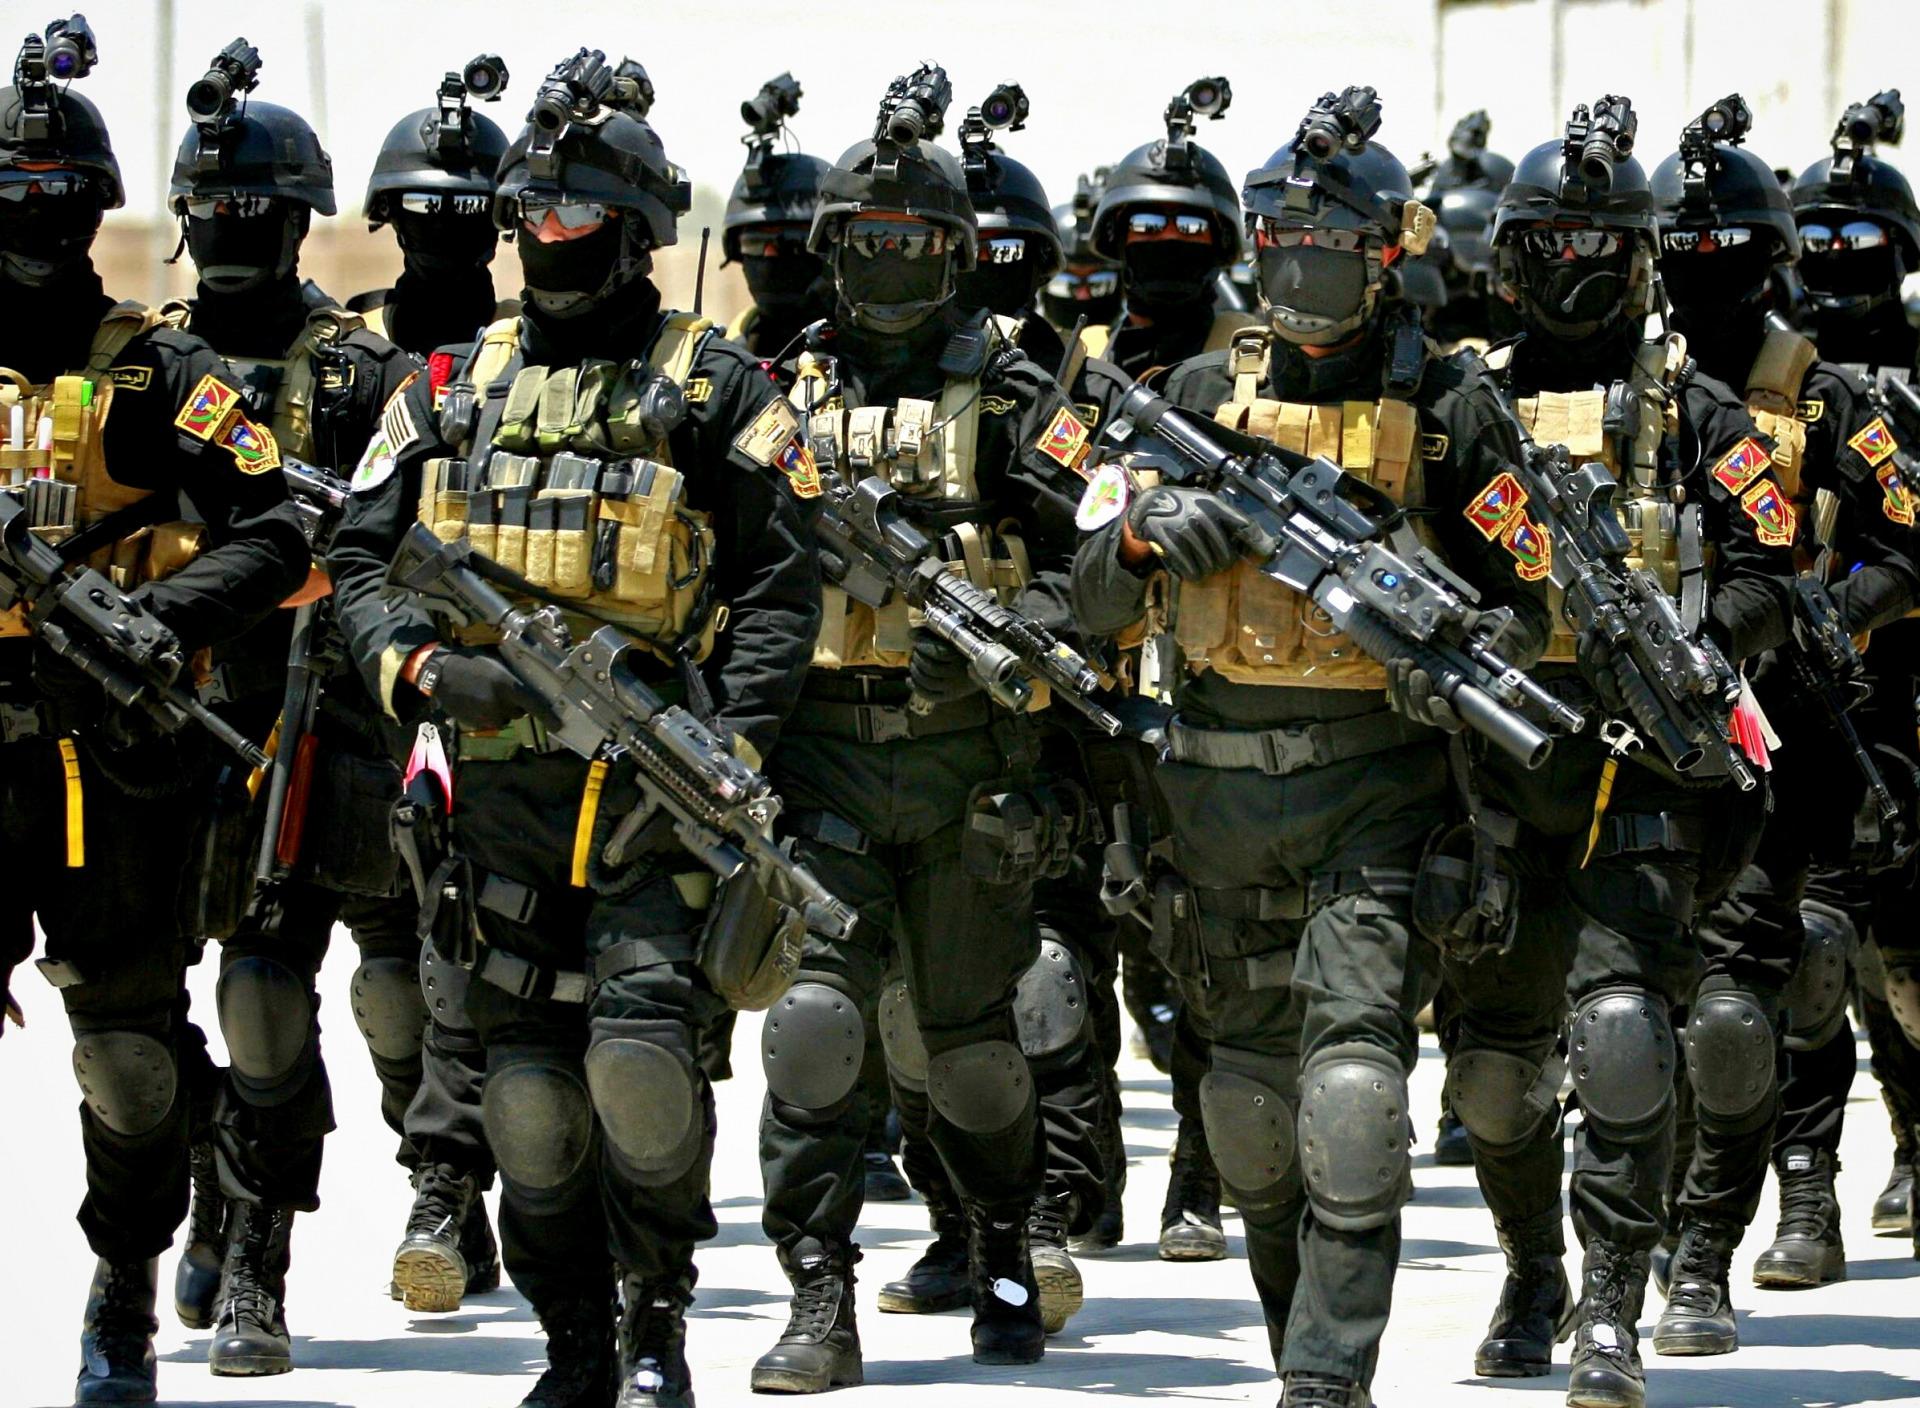 картинки элитной армии стиль